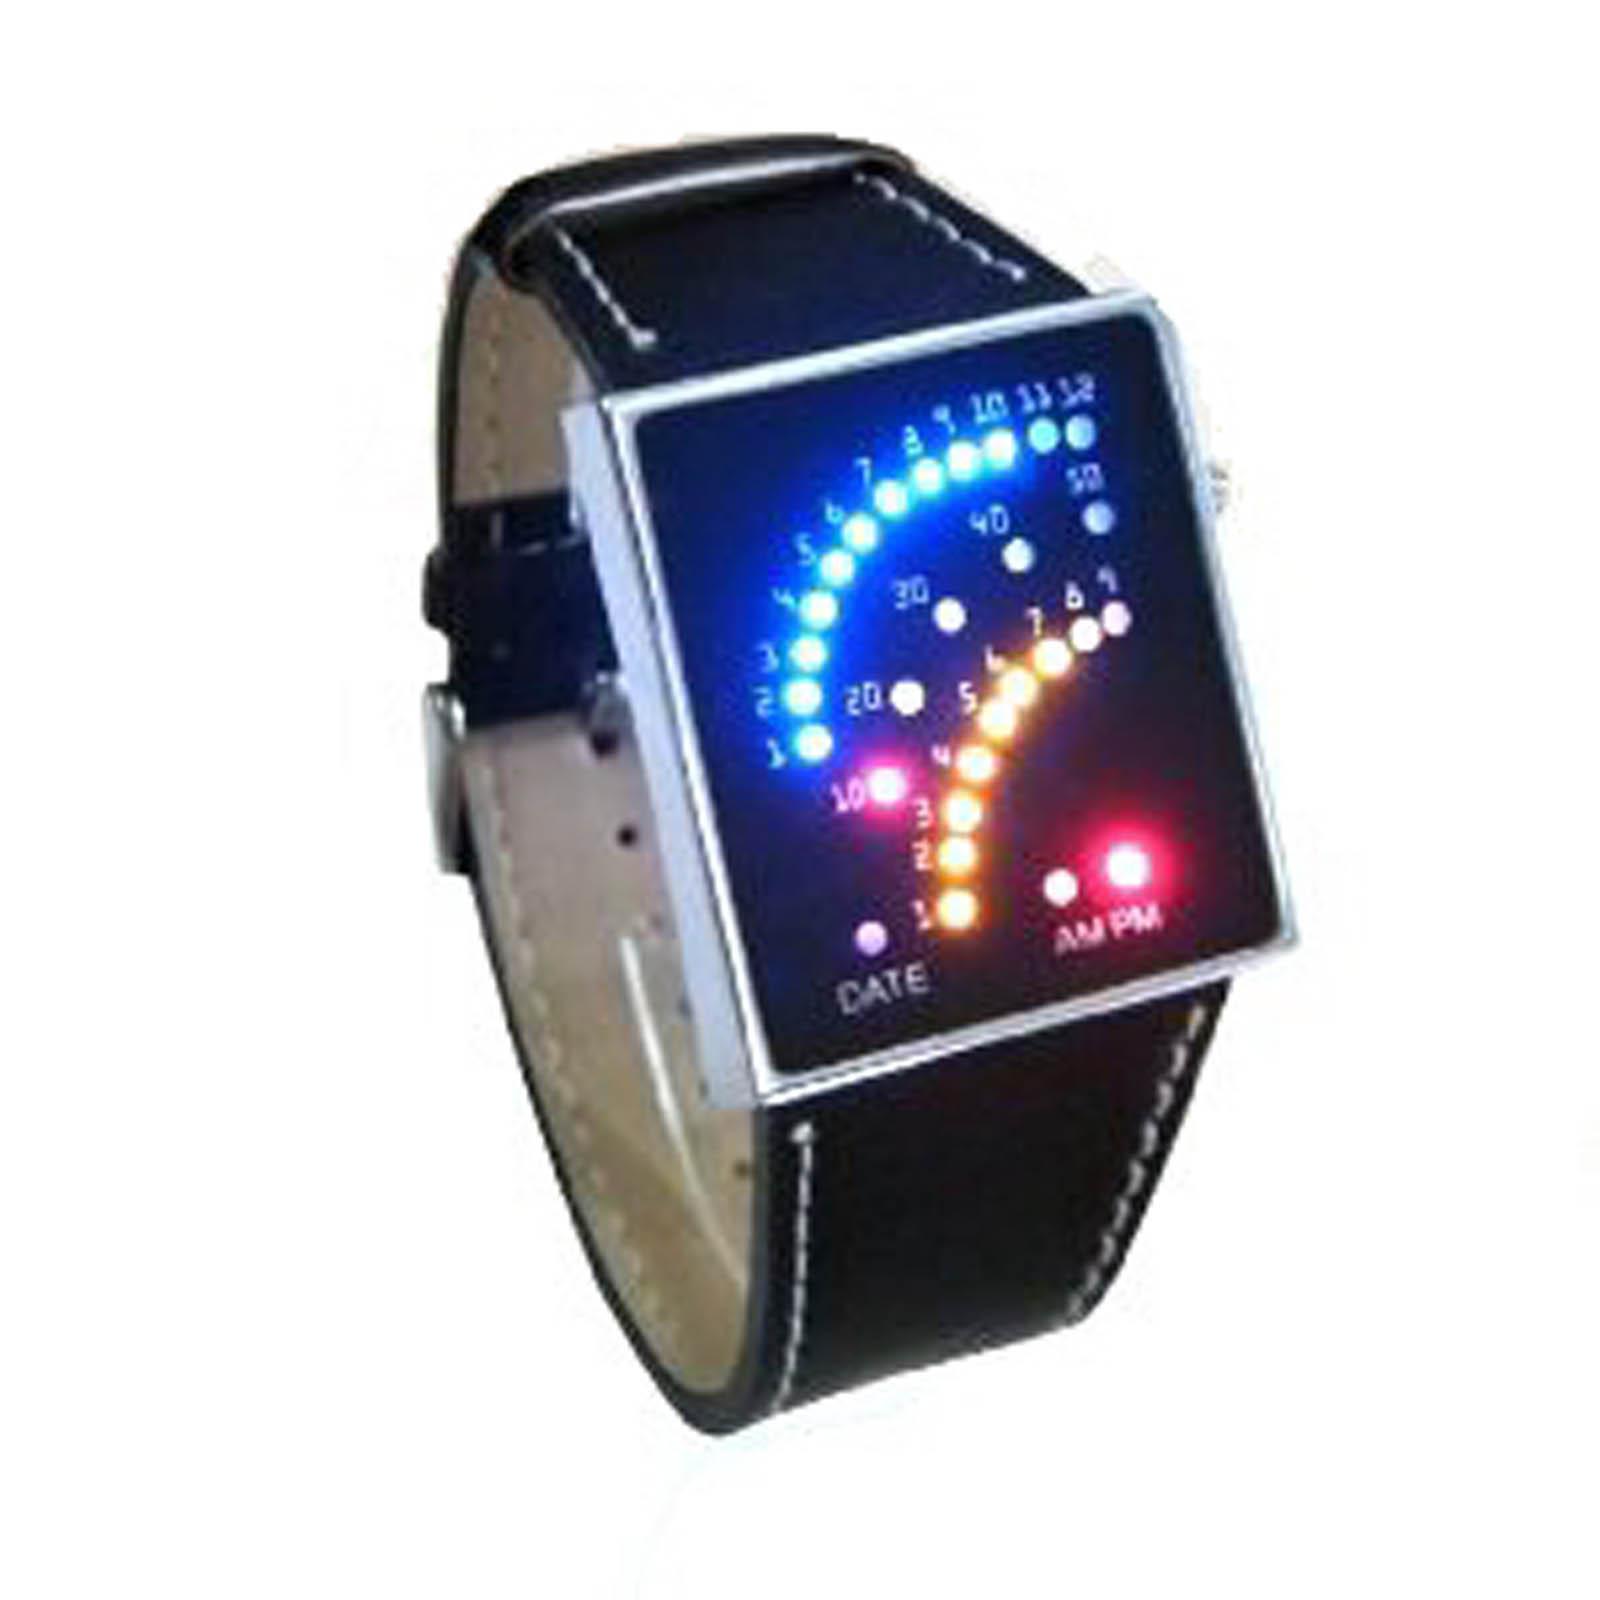 led watch black - photo #21